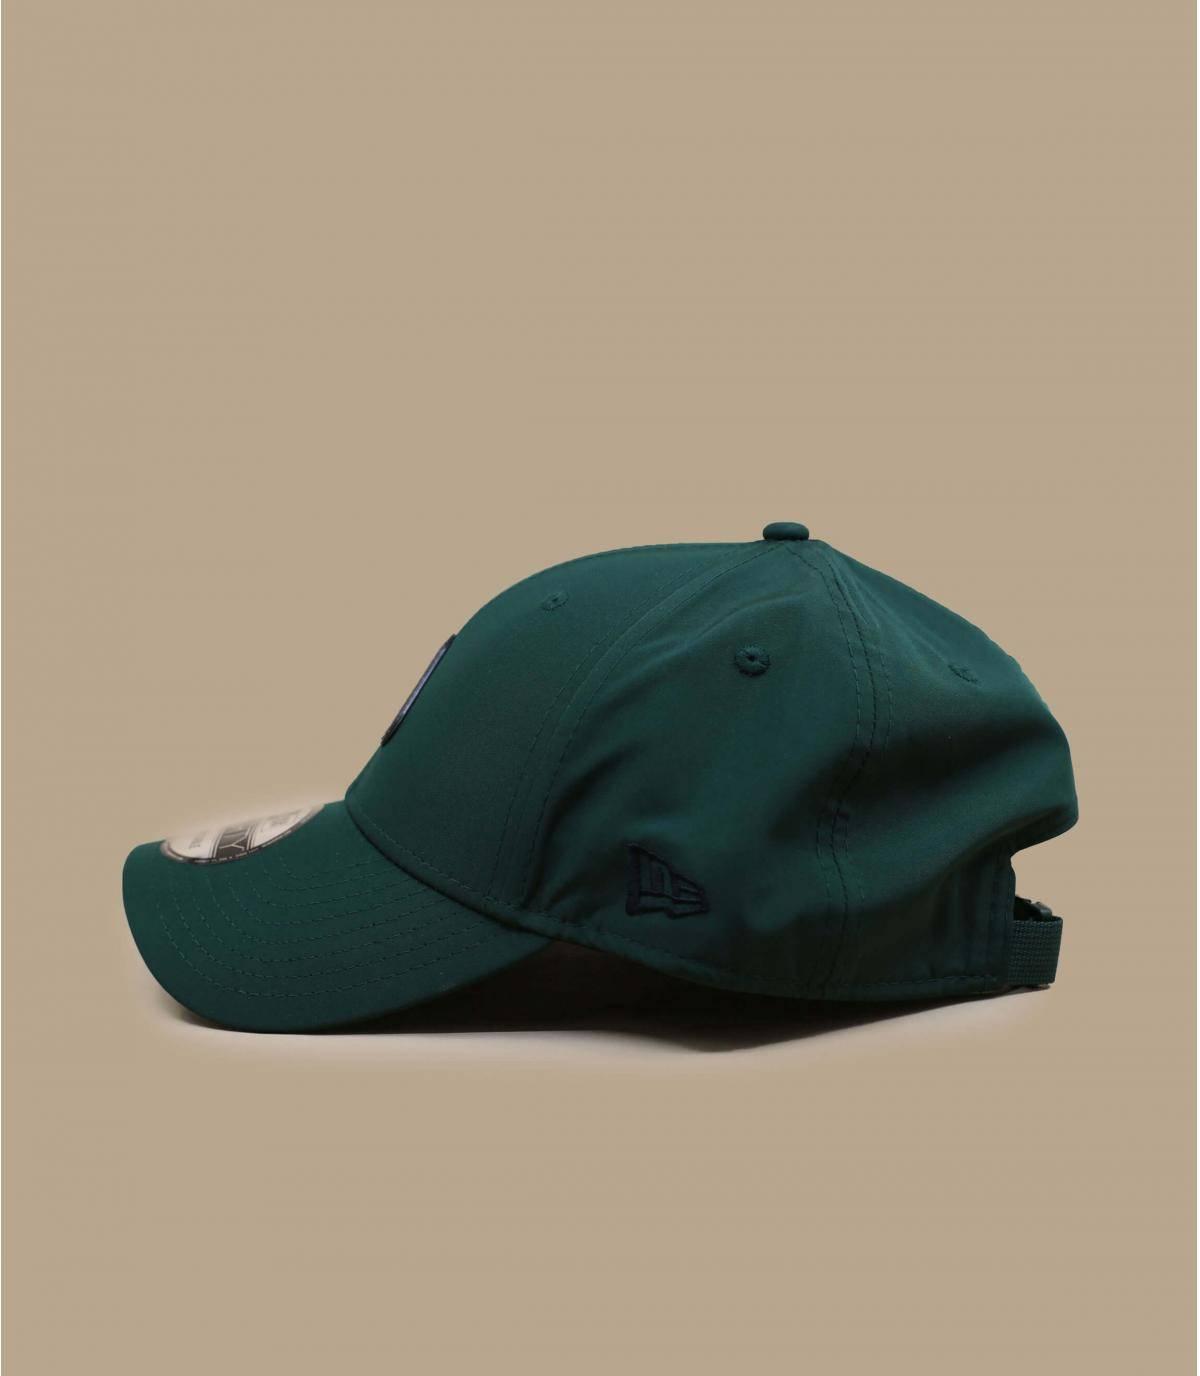 Details Tri Patch 940 dark green - afbeeling 3